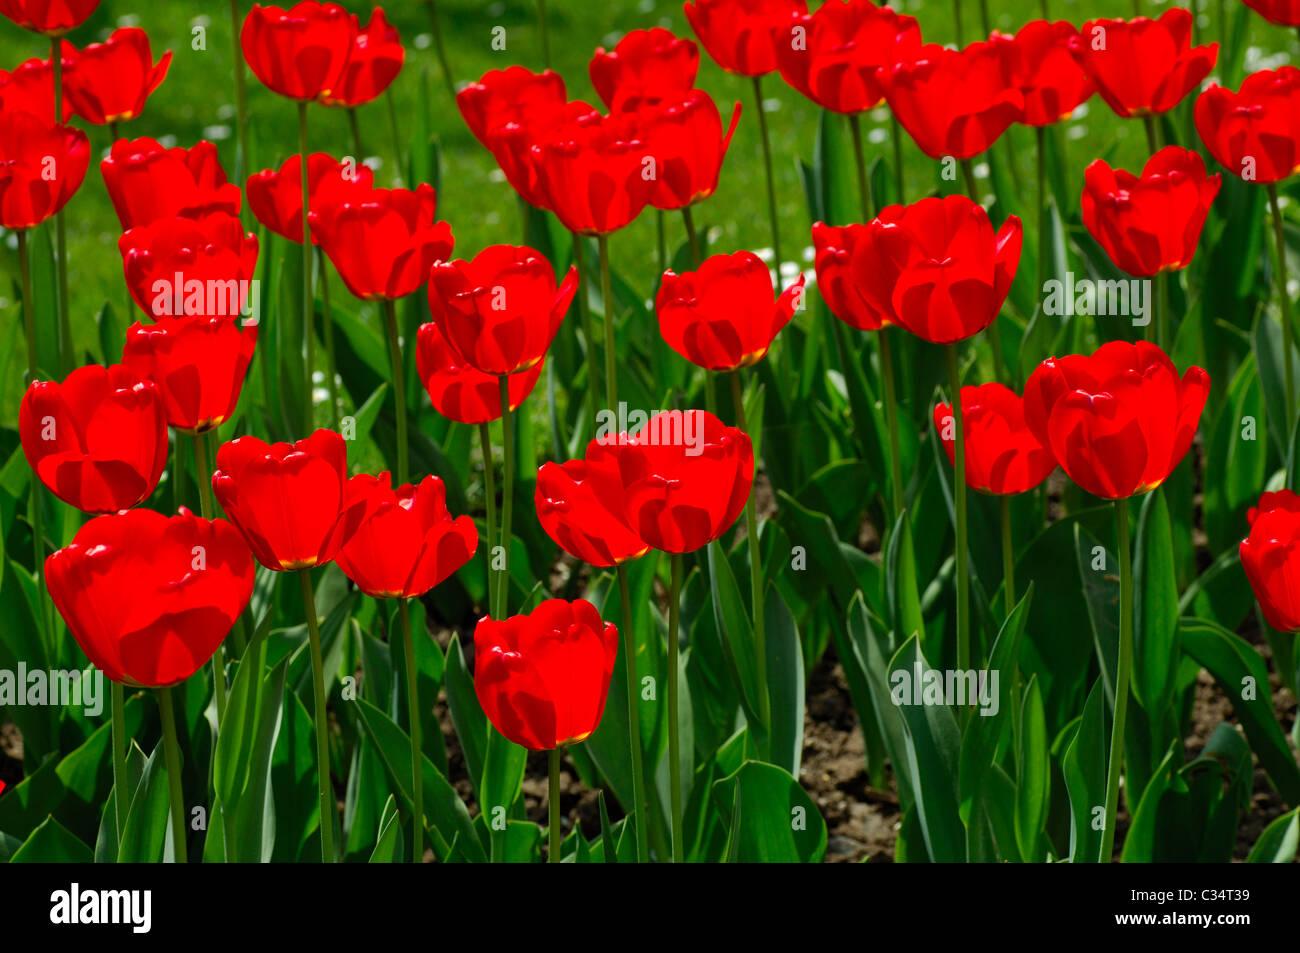 Red Tulips Apeldoorn, Dutch Tulips - Stock Image